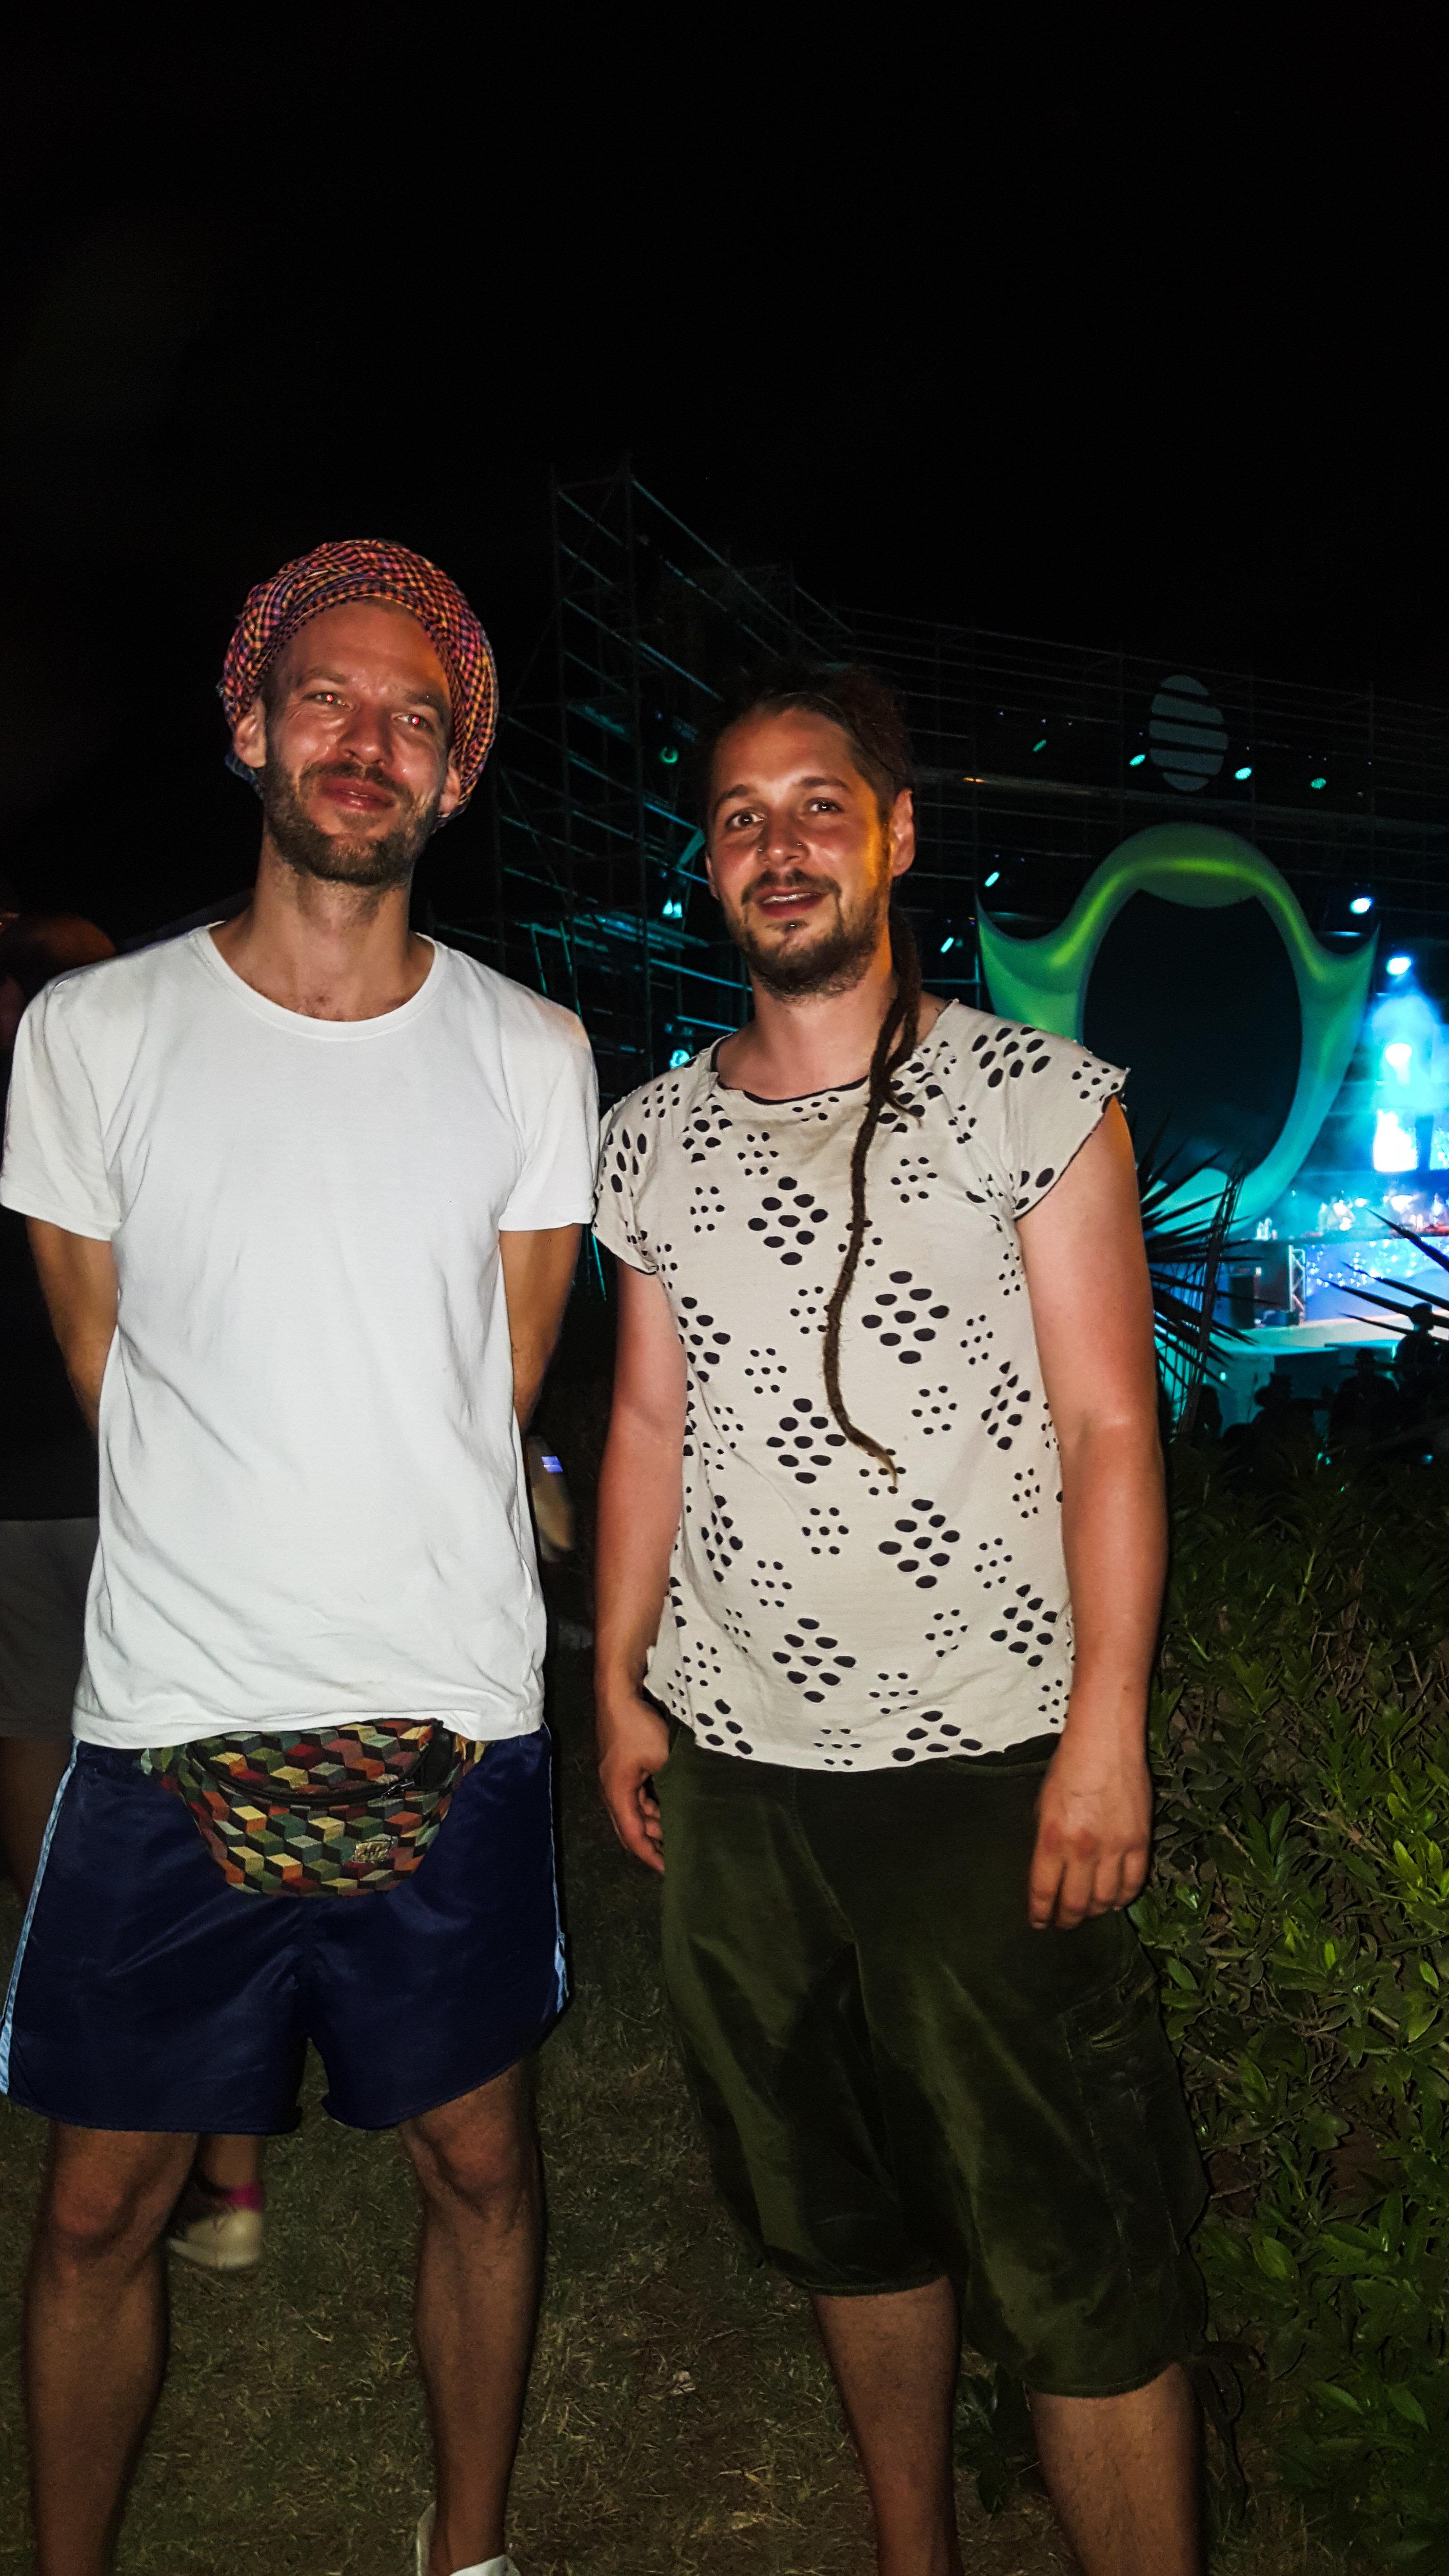 Interview de Doob & Janoma: Le duo berlinois qui a ouvert le Fairground